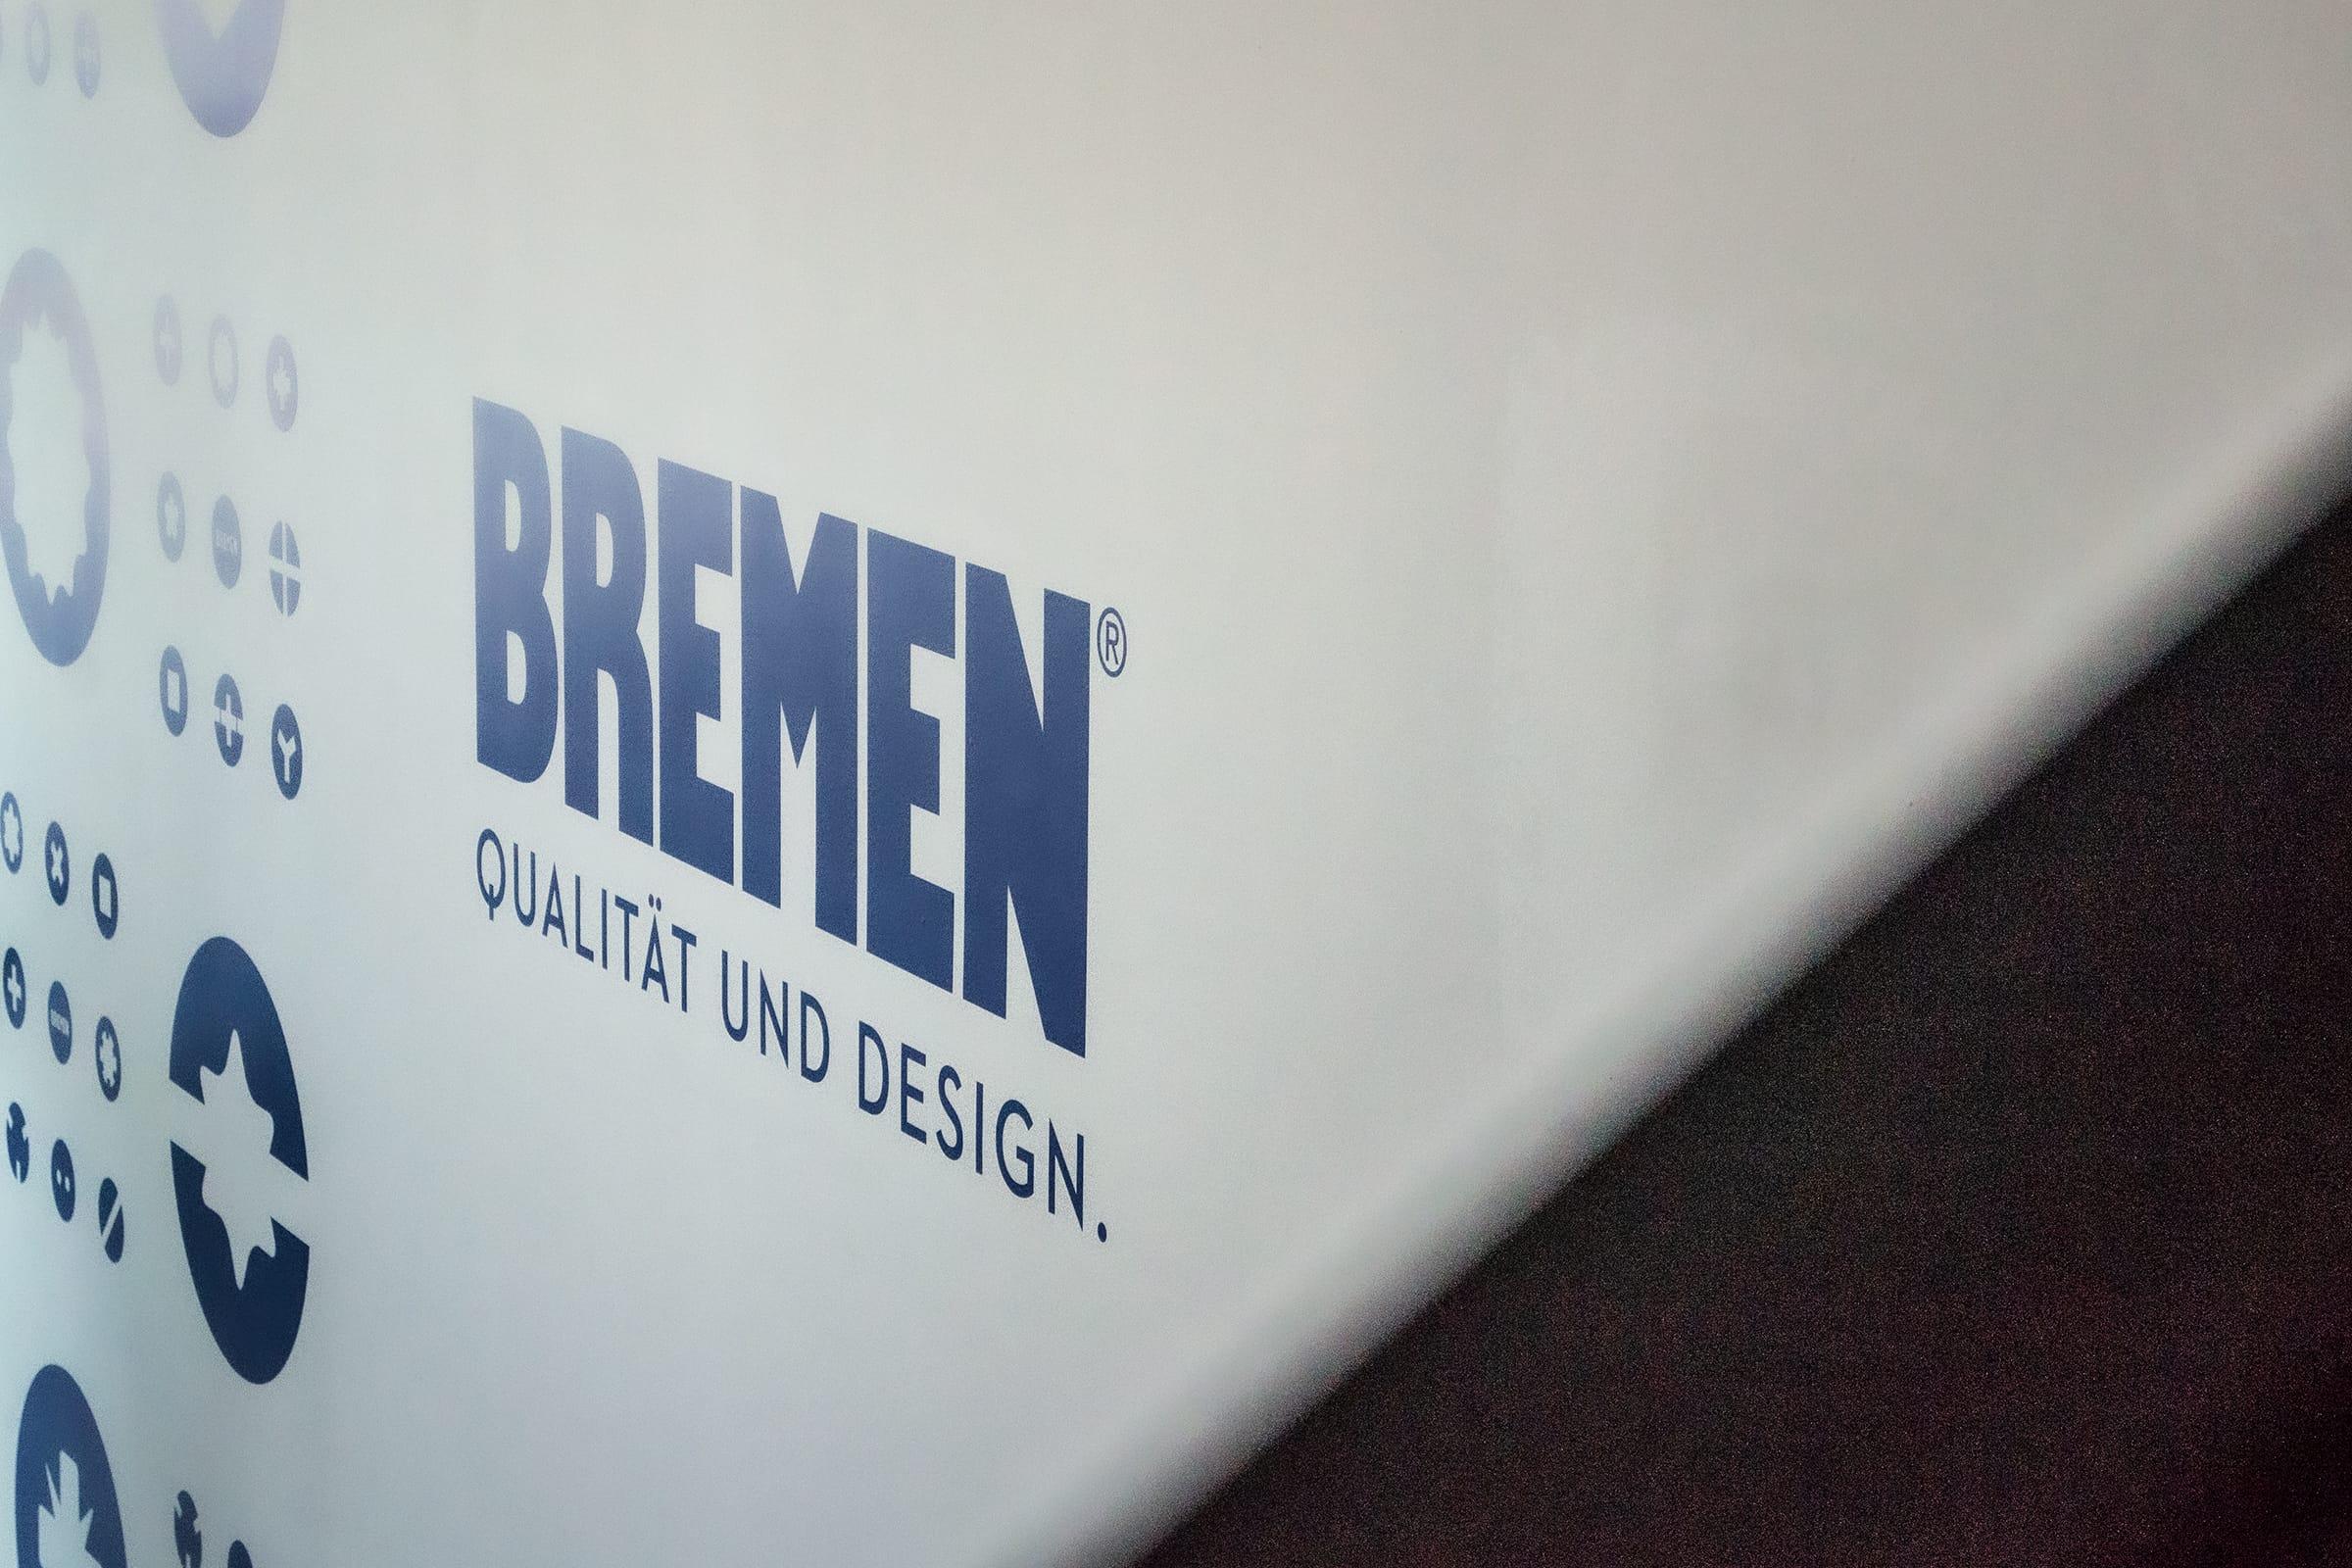 bremen05